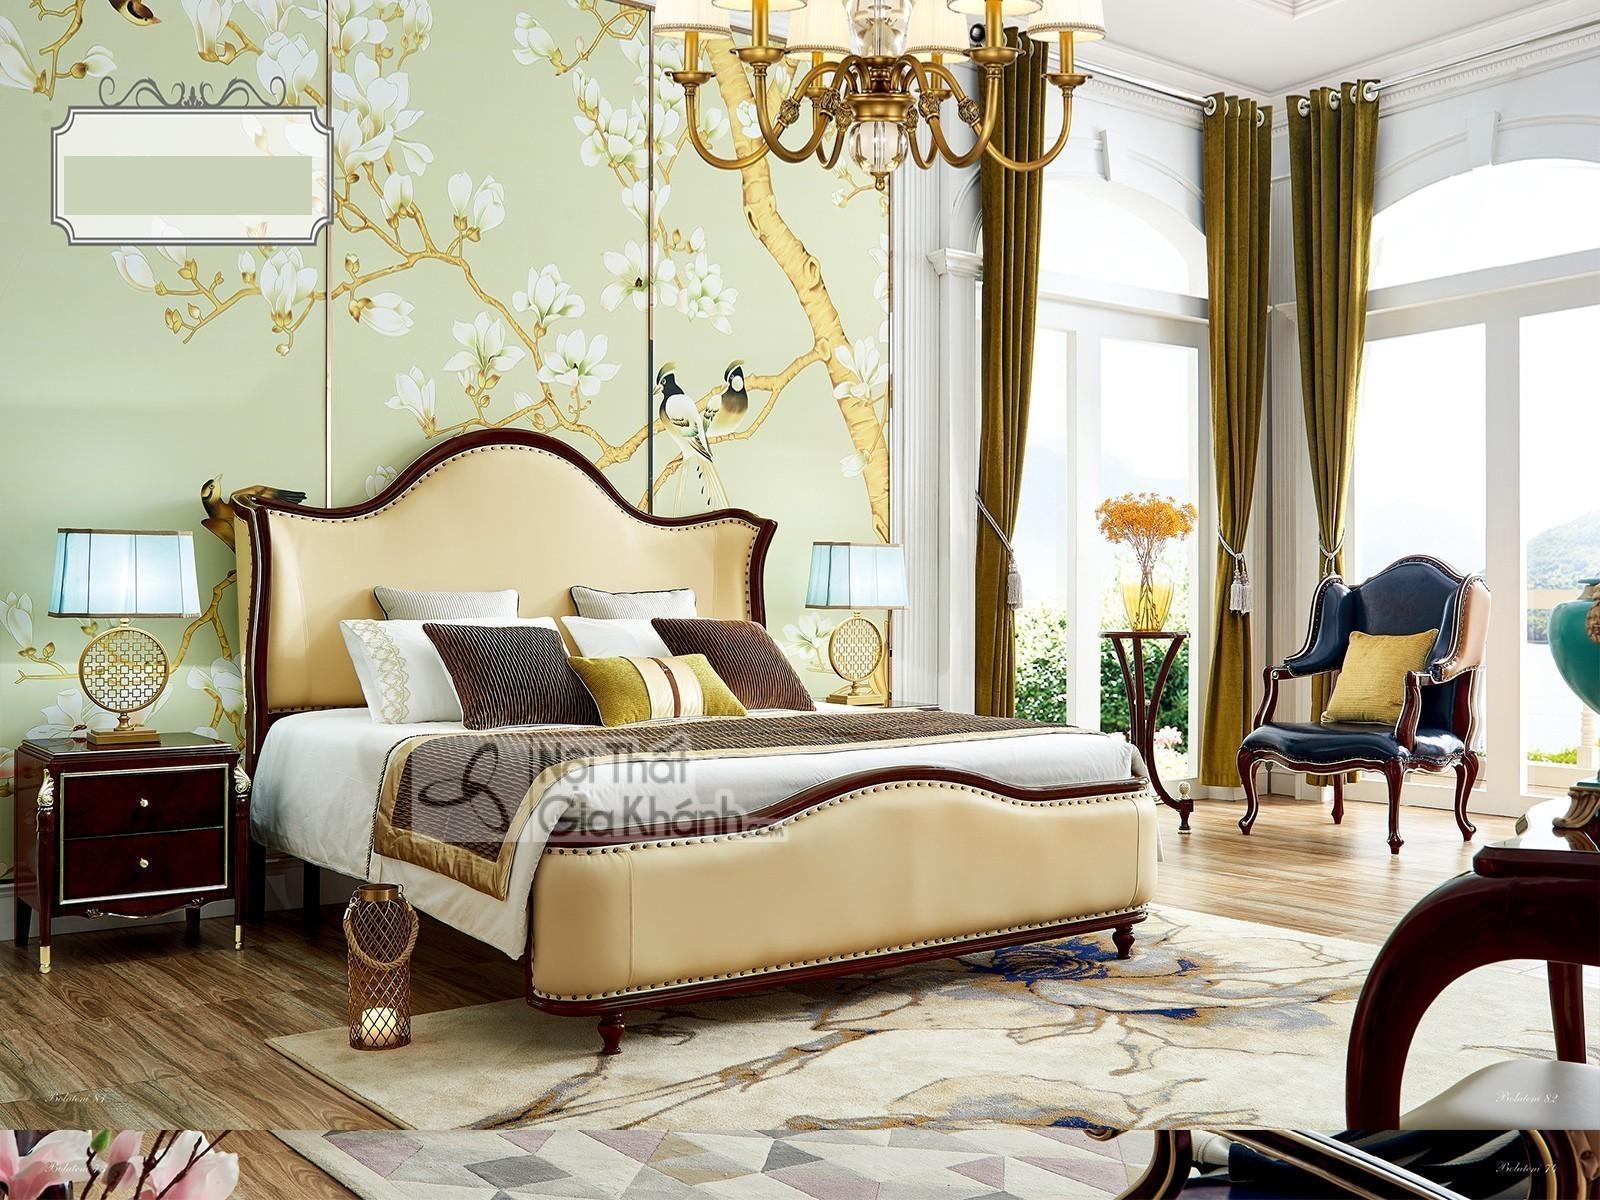 tap dau giuong go tan co dien mbk301b 1 - Tủ đầu giường gỗ đẹp phong cách tân cổ điển TA301